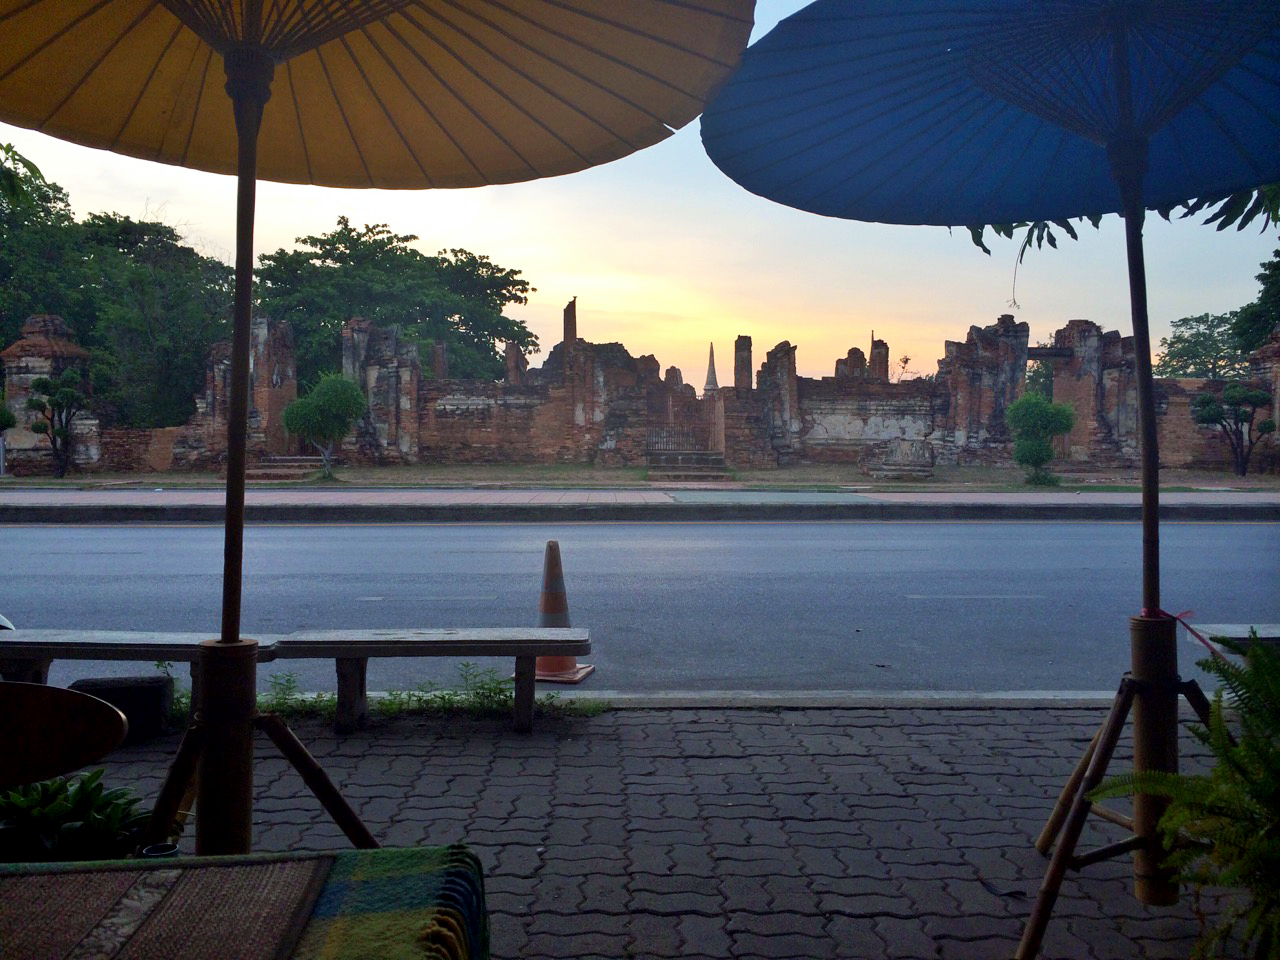 Путешествие по Таиланду, Аюттхая: Закат над руинами